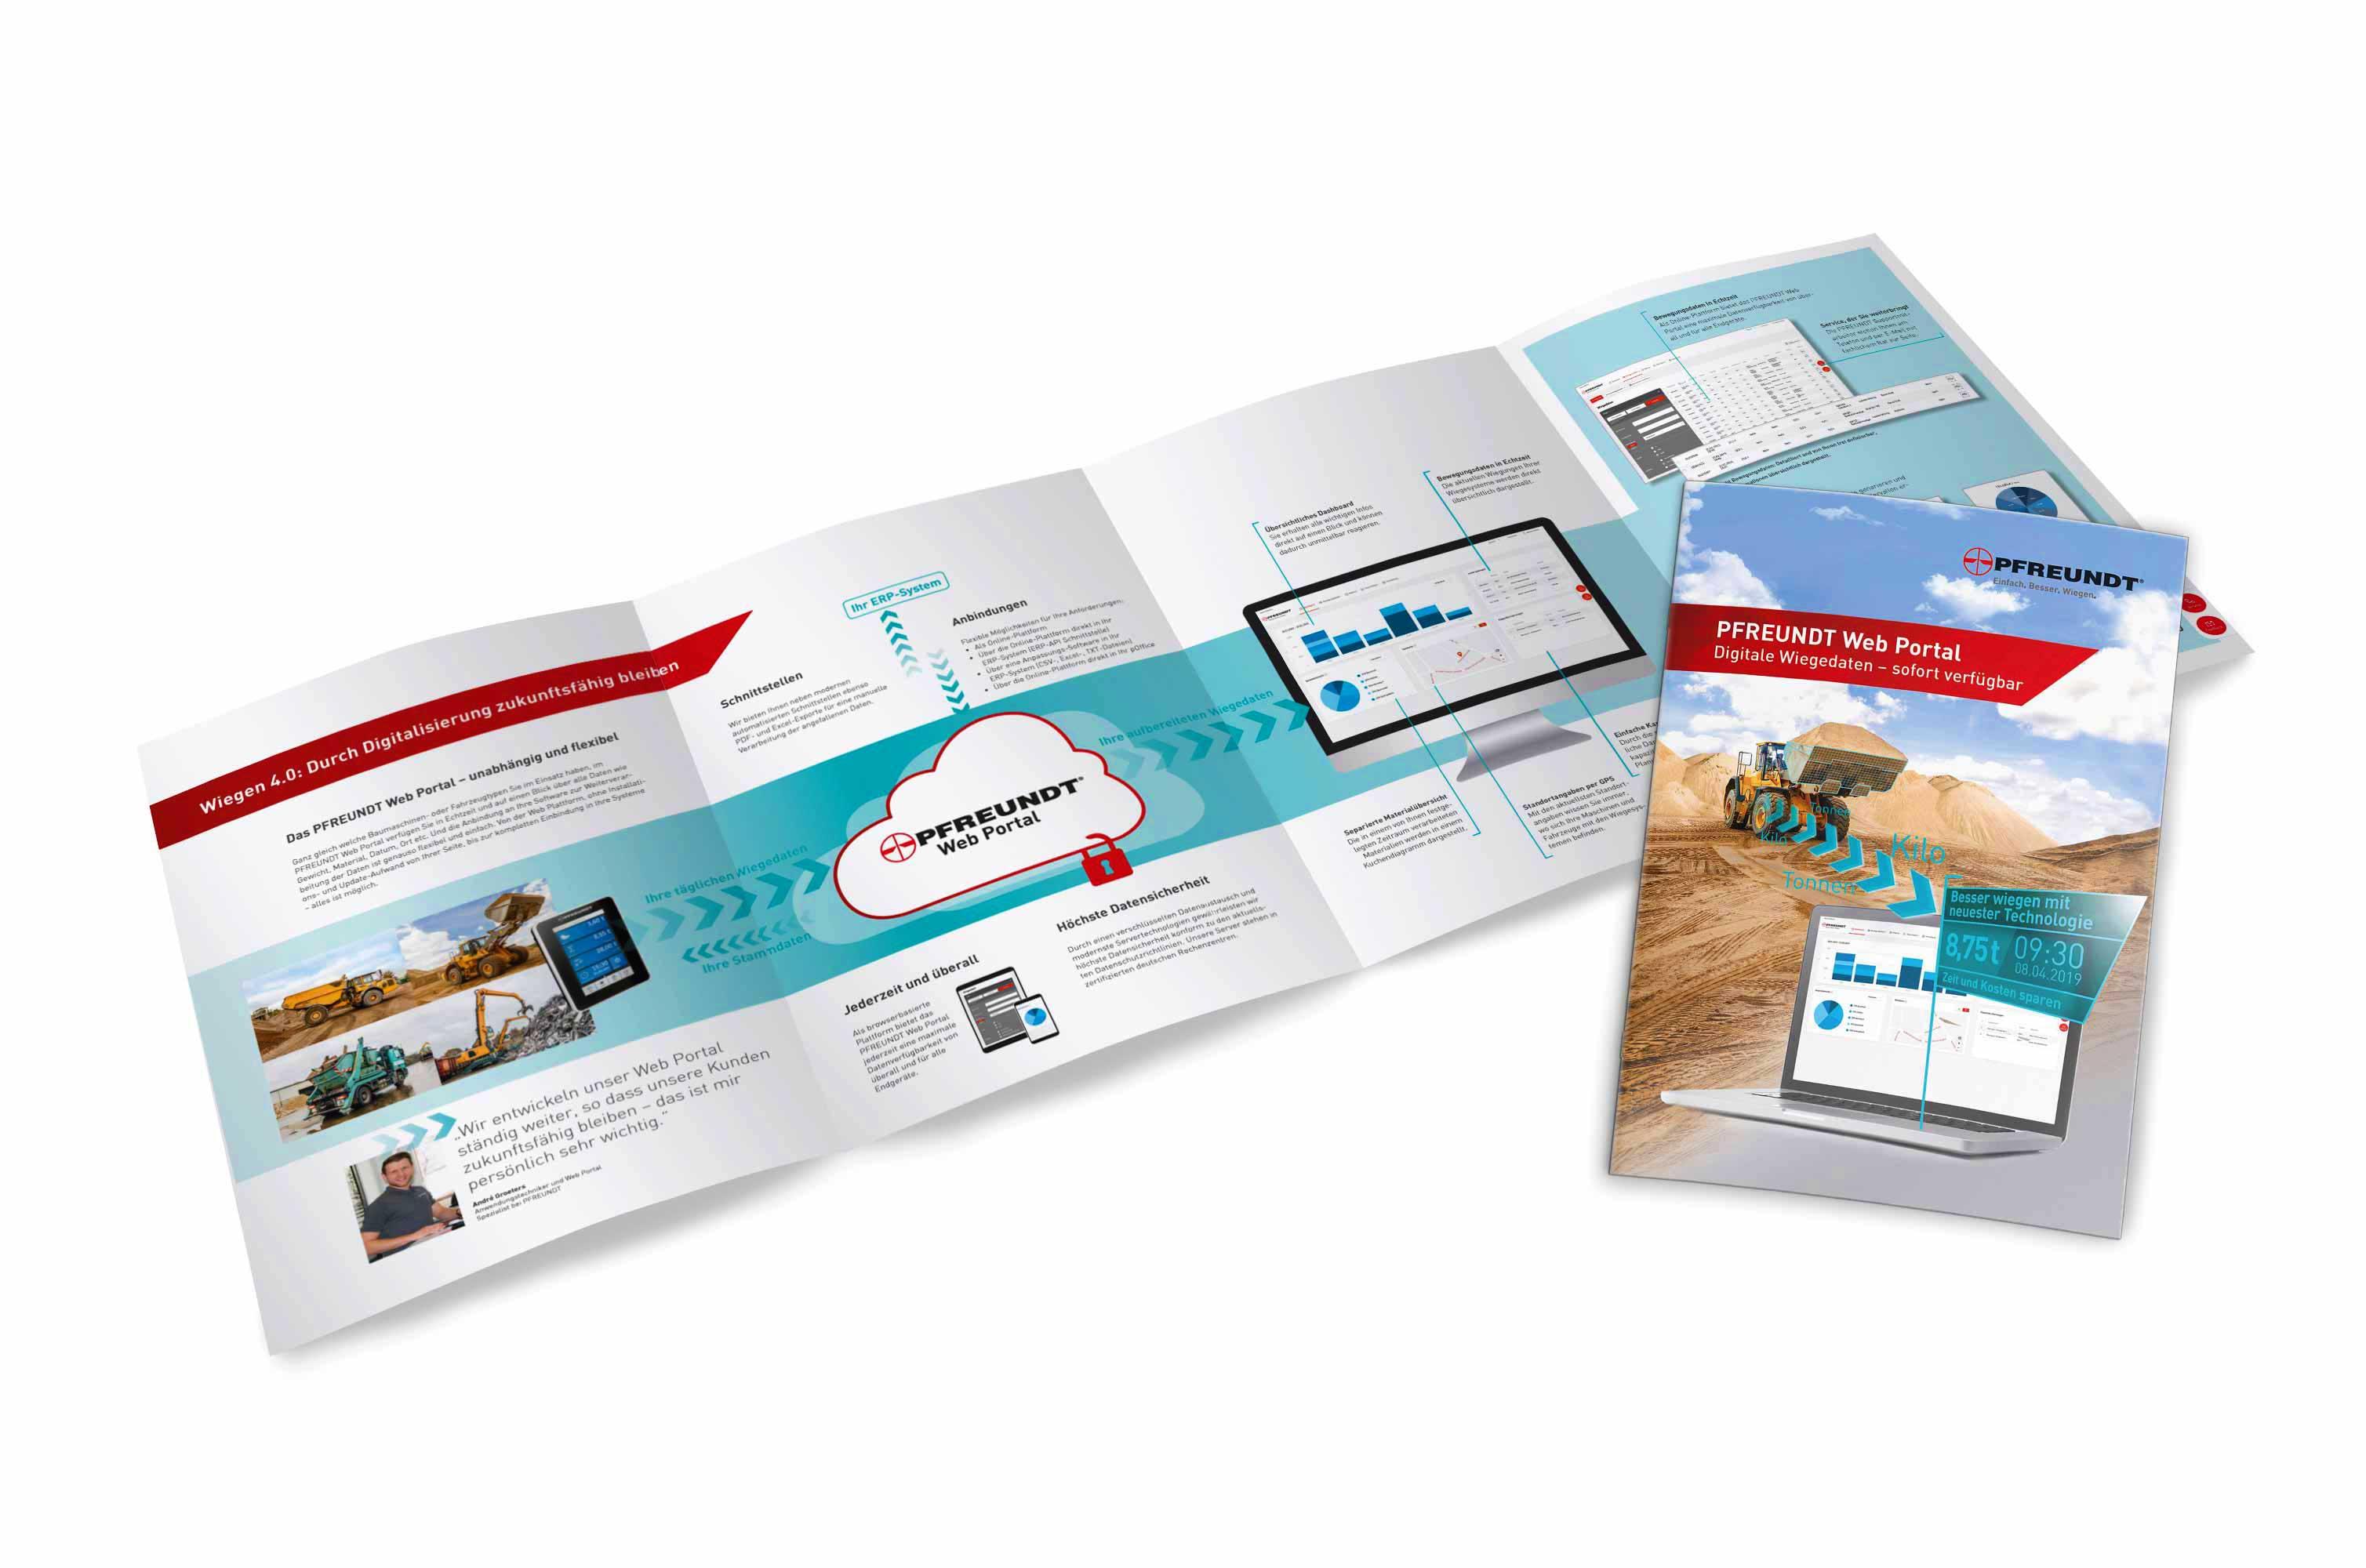 PFREUNDT Broschüre Web Portal – Digitale Wiegedaten sofort verfügbar